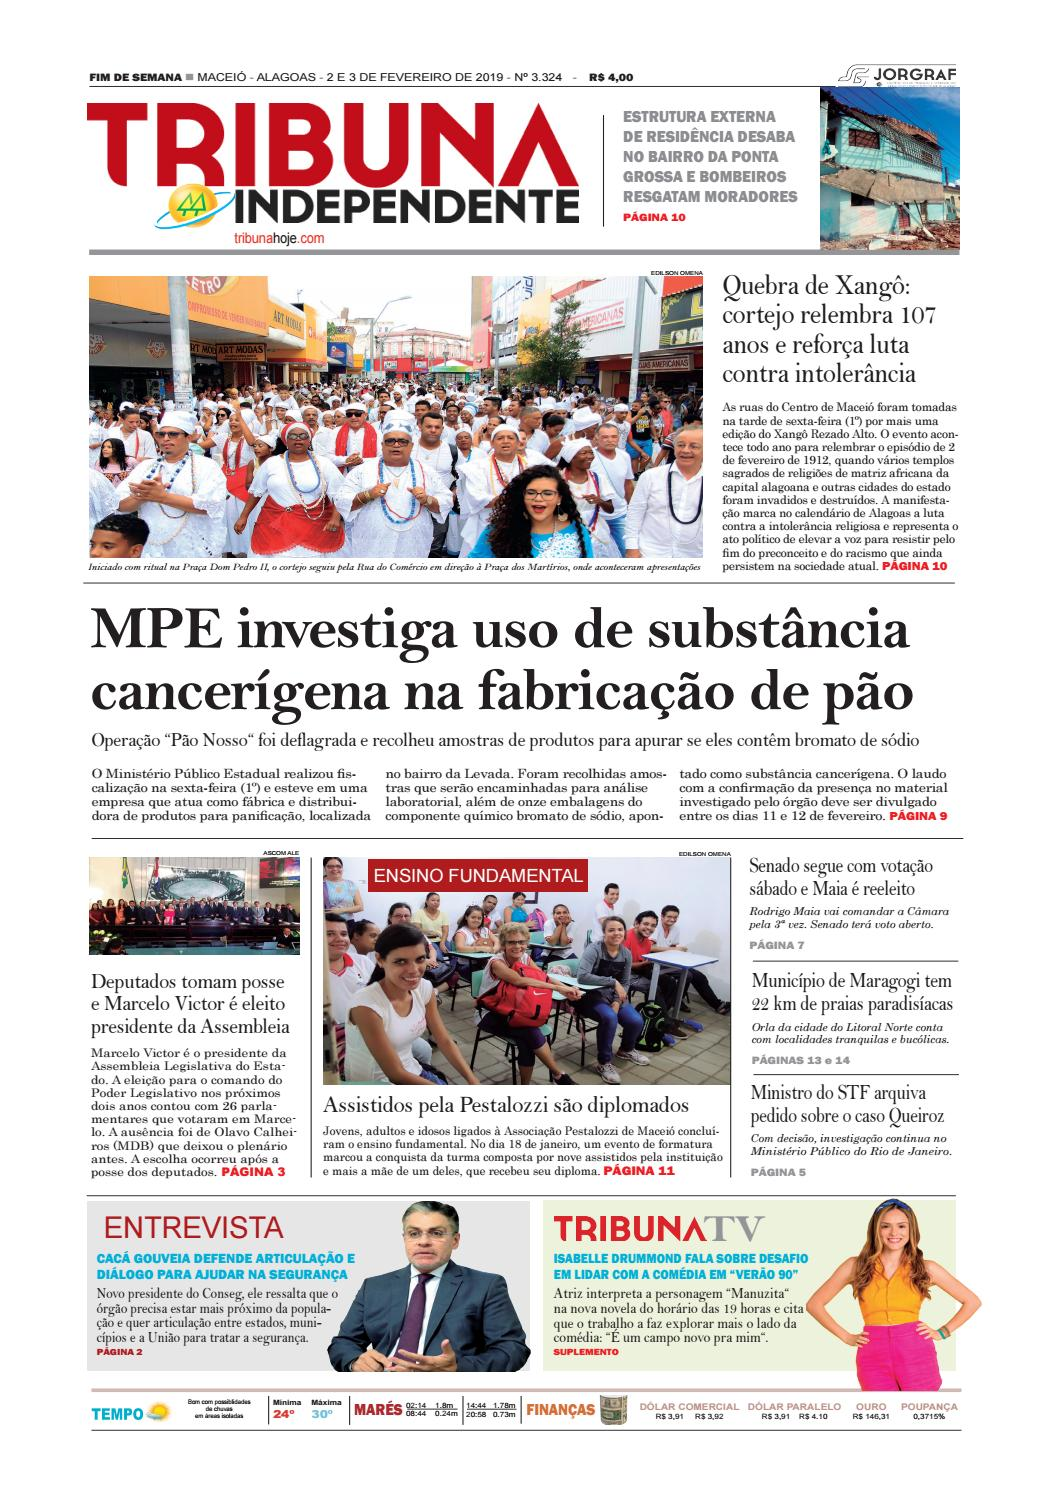 Edição número 3324 - 2 e 3 de fevereiro de 2019 by Tribuna Hoje - issuu 8809b12efbe57